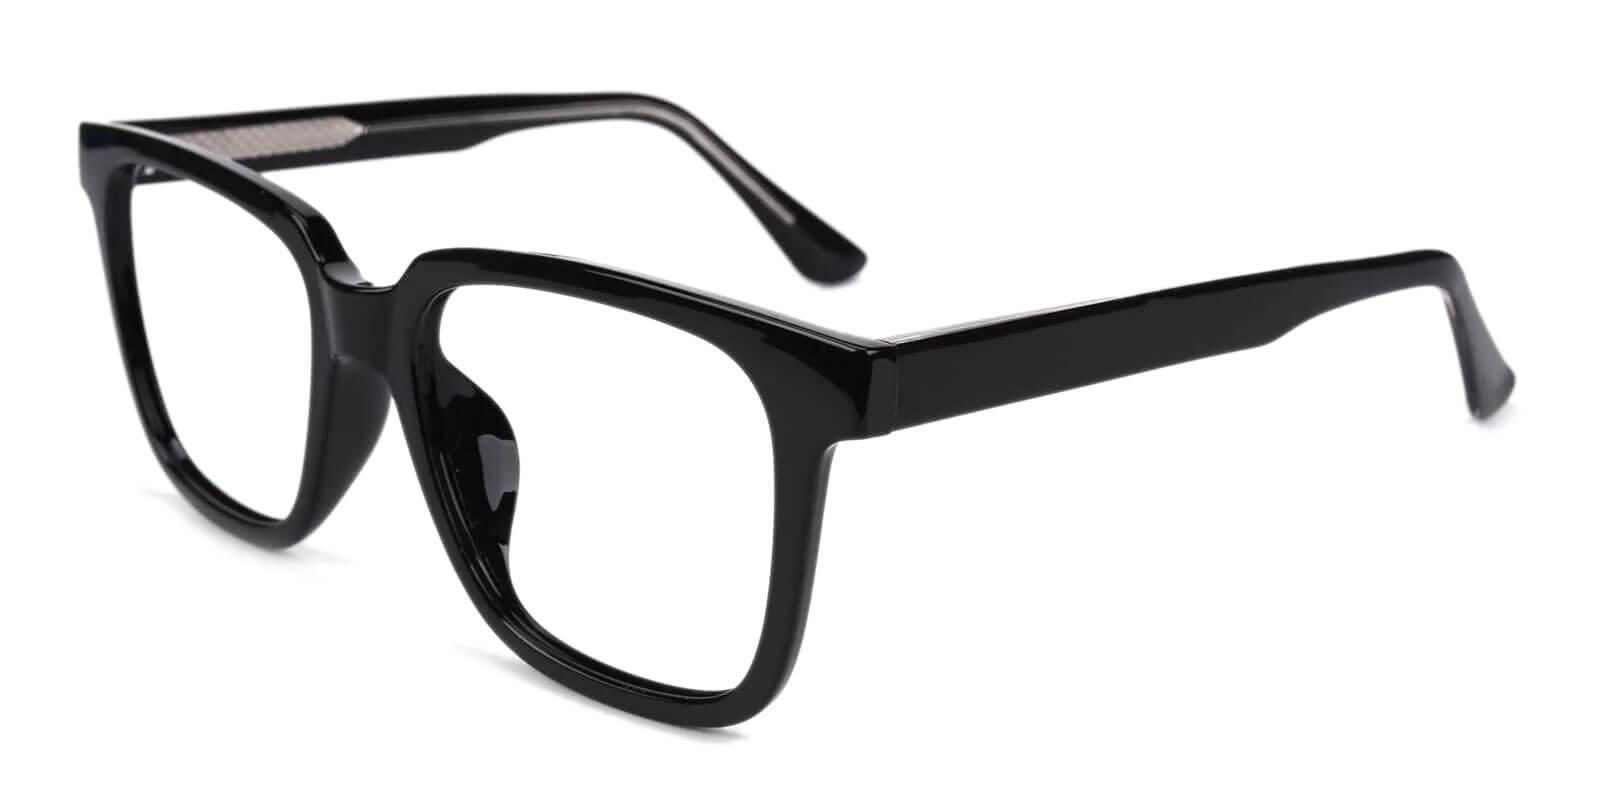 Blossom Black Acetate Eyeglasses , SpringHinges , UniversalBridgeFit Frames from ABBE Glasses